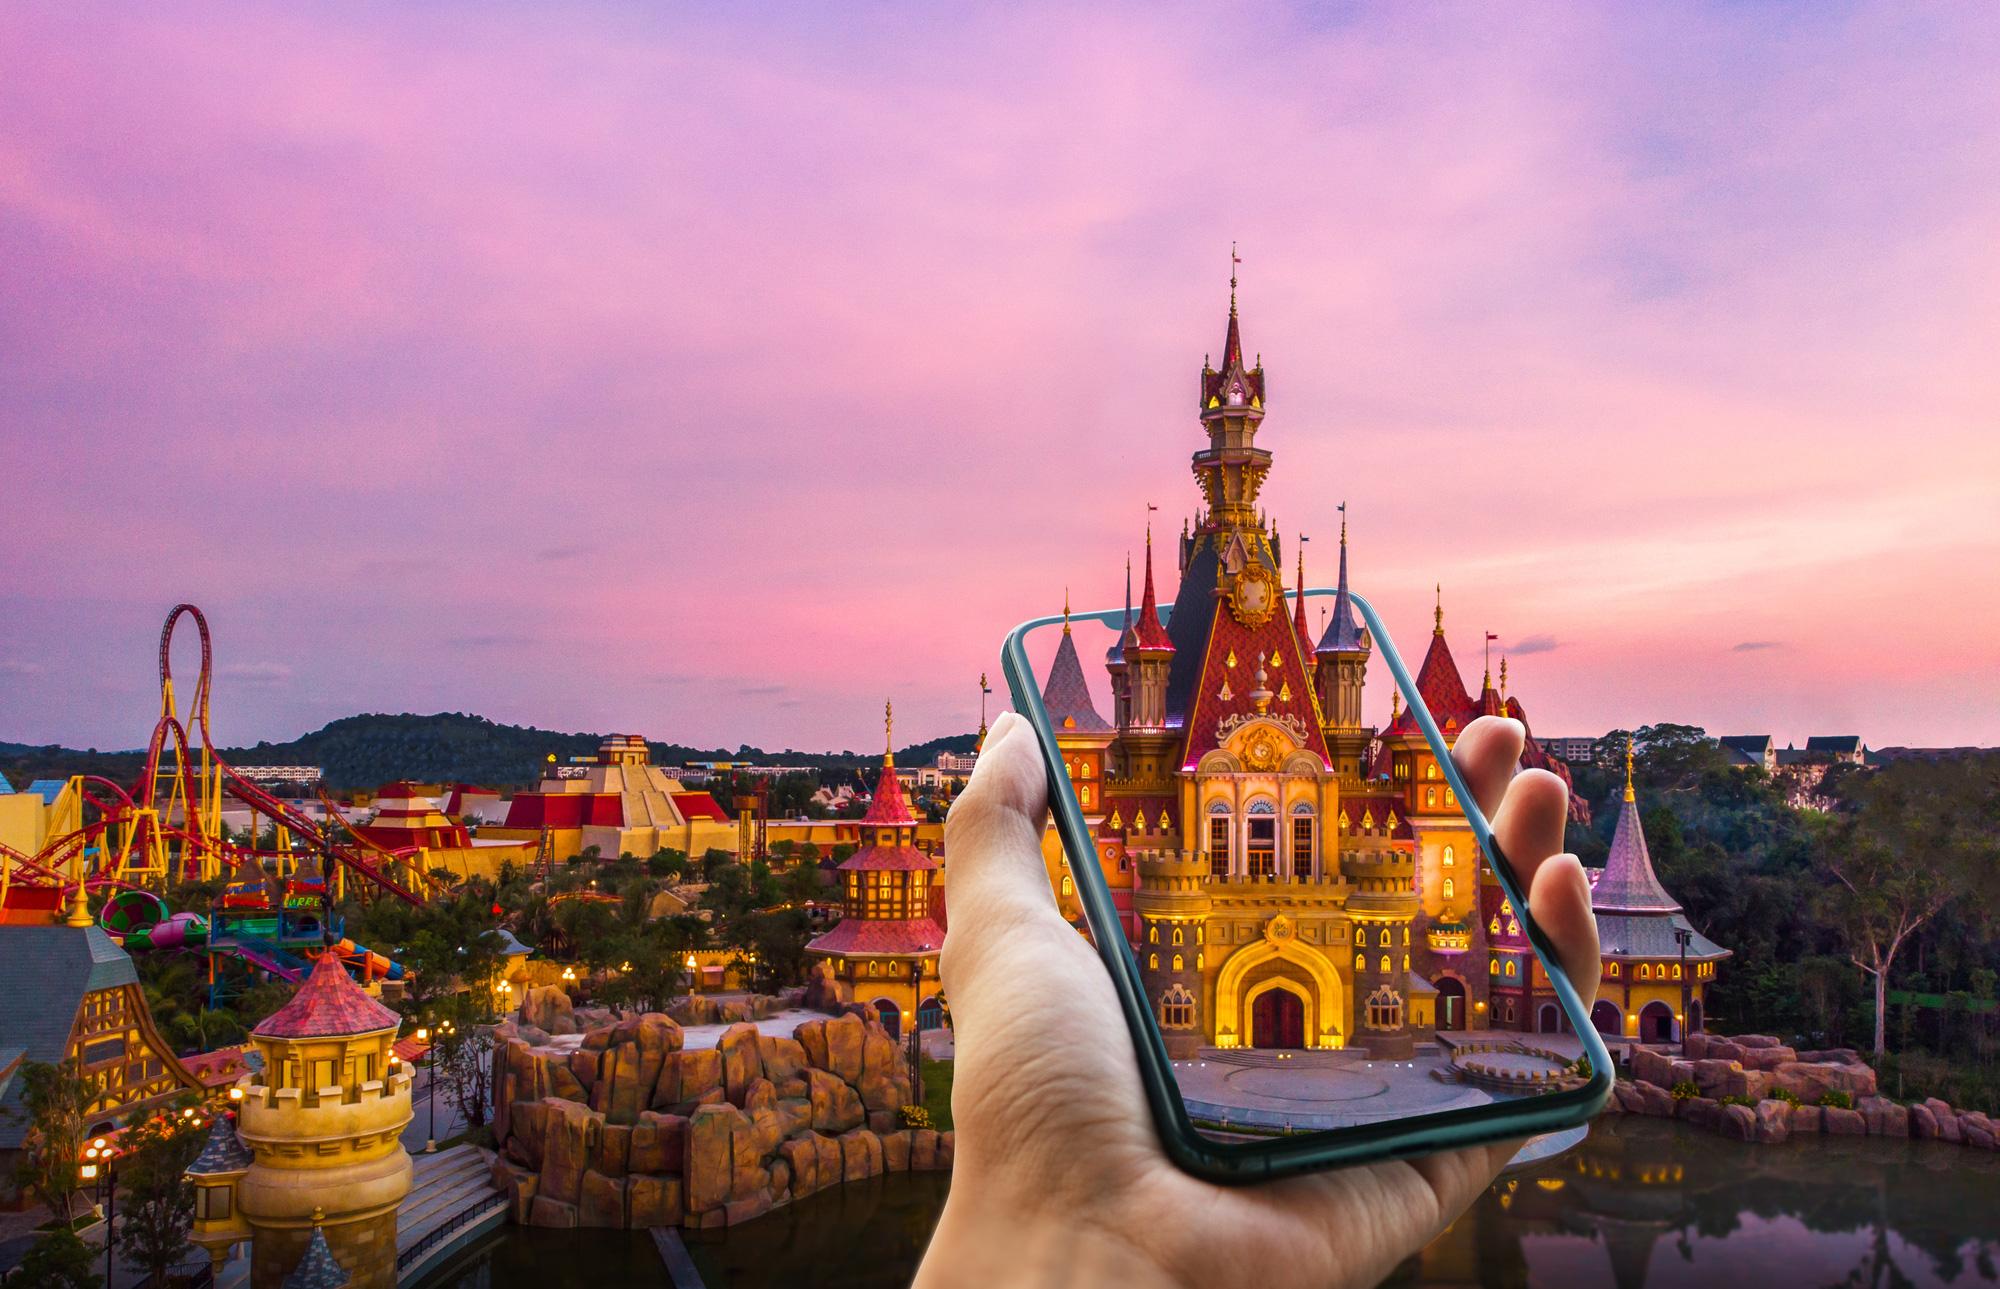 """Khám phá công viên chủ đề hàng đầu châu Á trên nền tảng thực tế ảo, """"săn"""" ngay 5.000 vé vào VinWonders miễn phí! - Ảnh 1."""